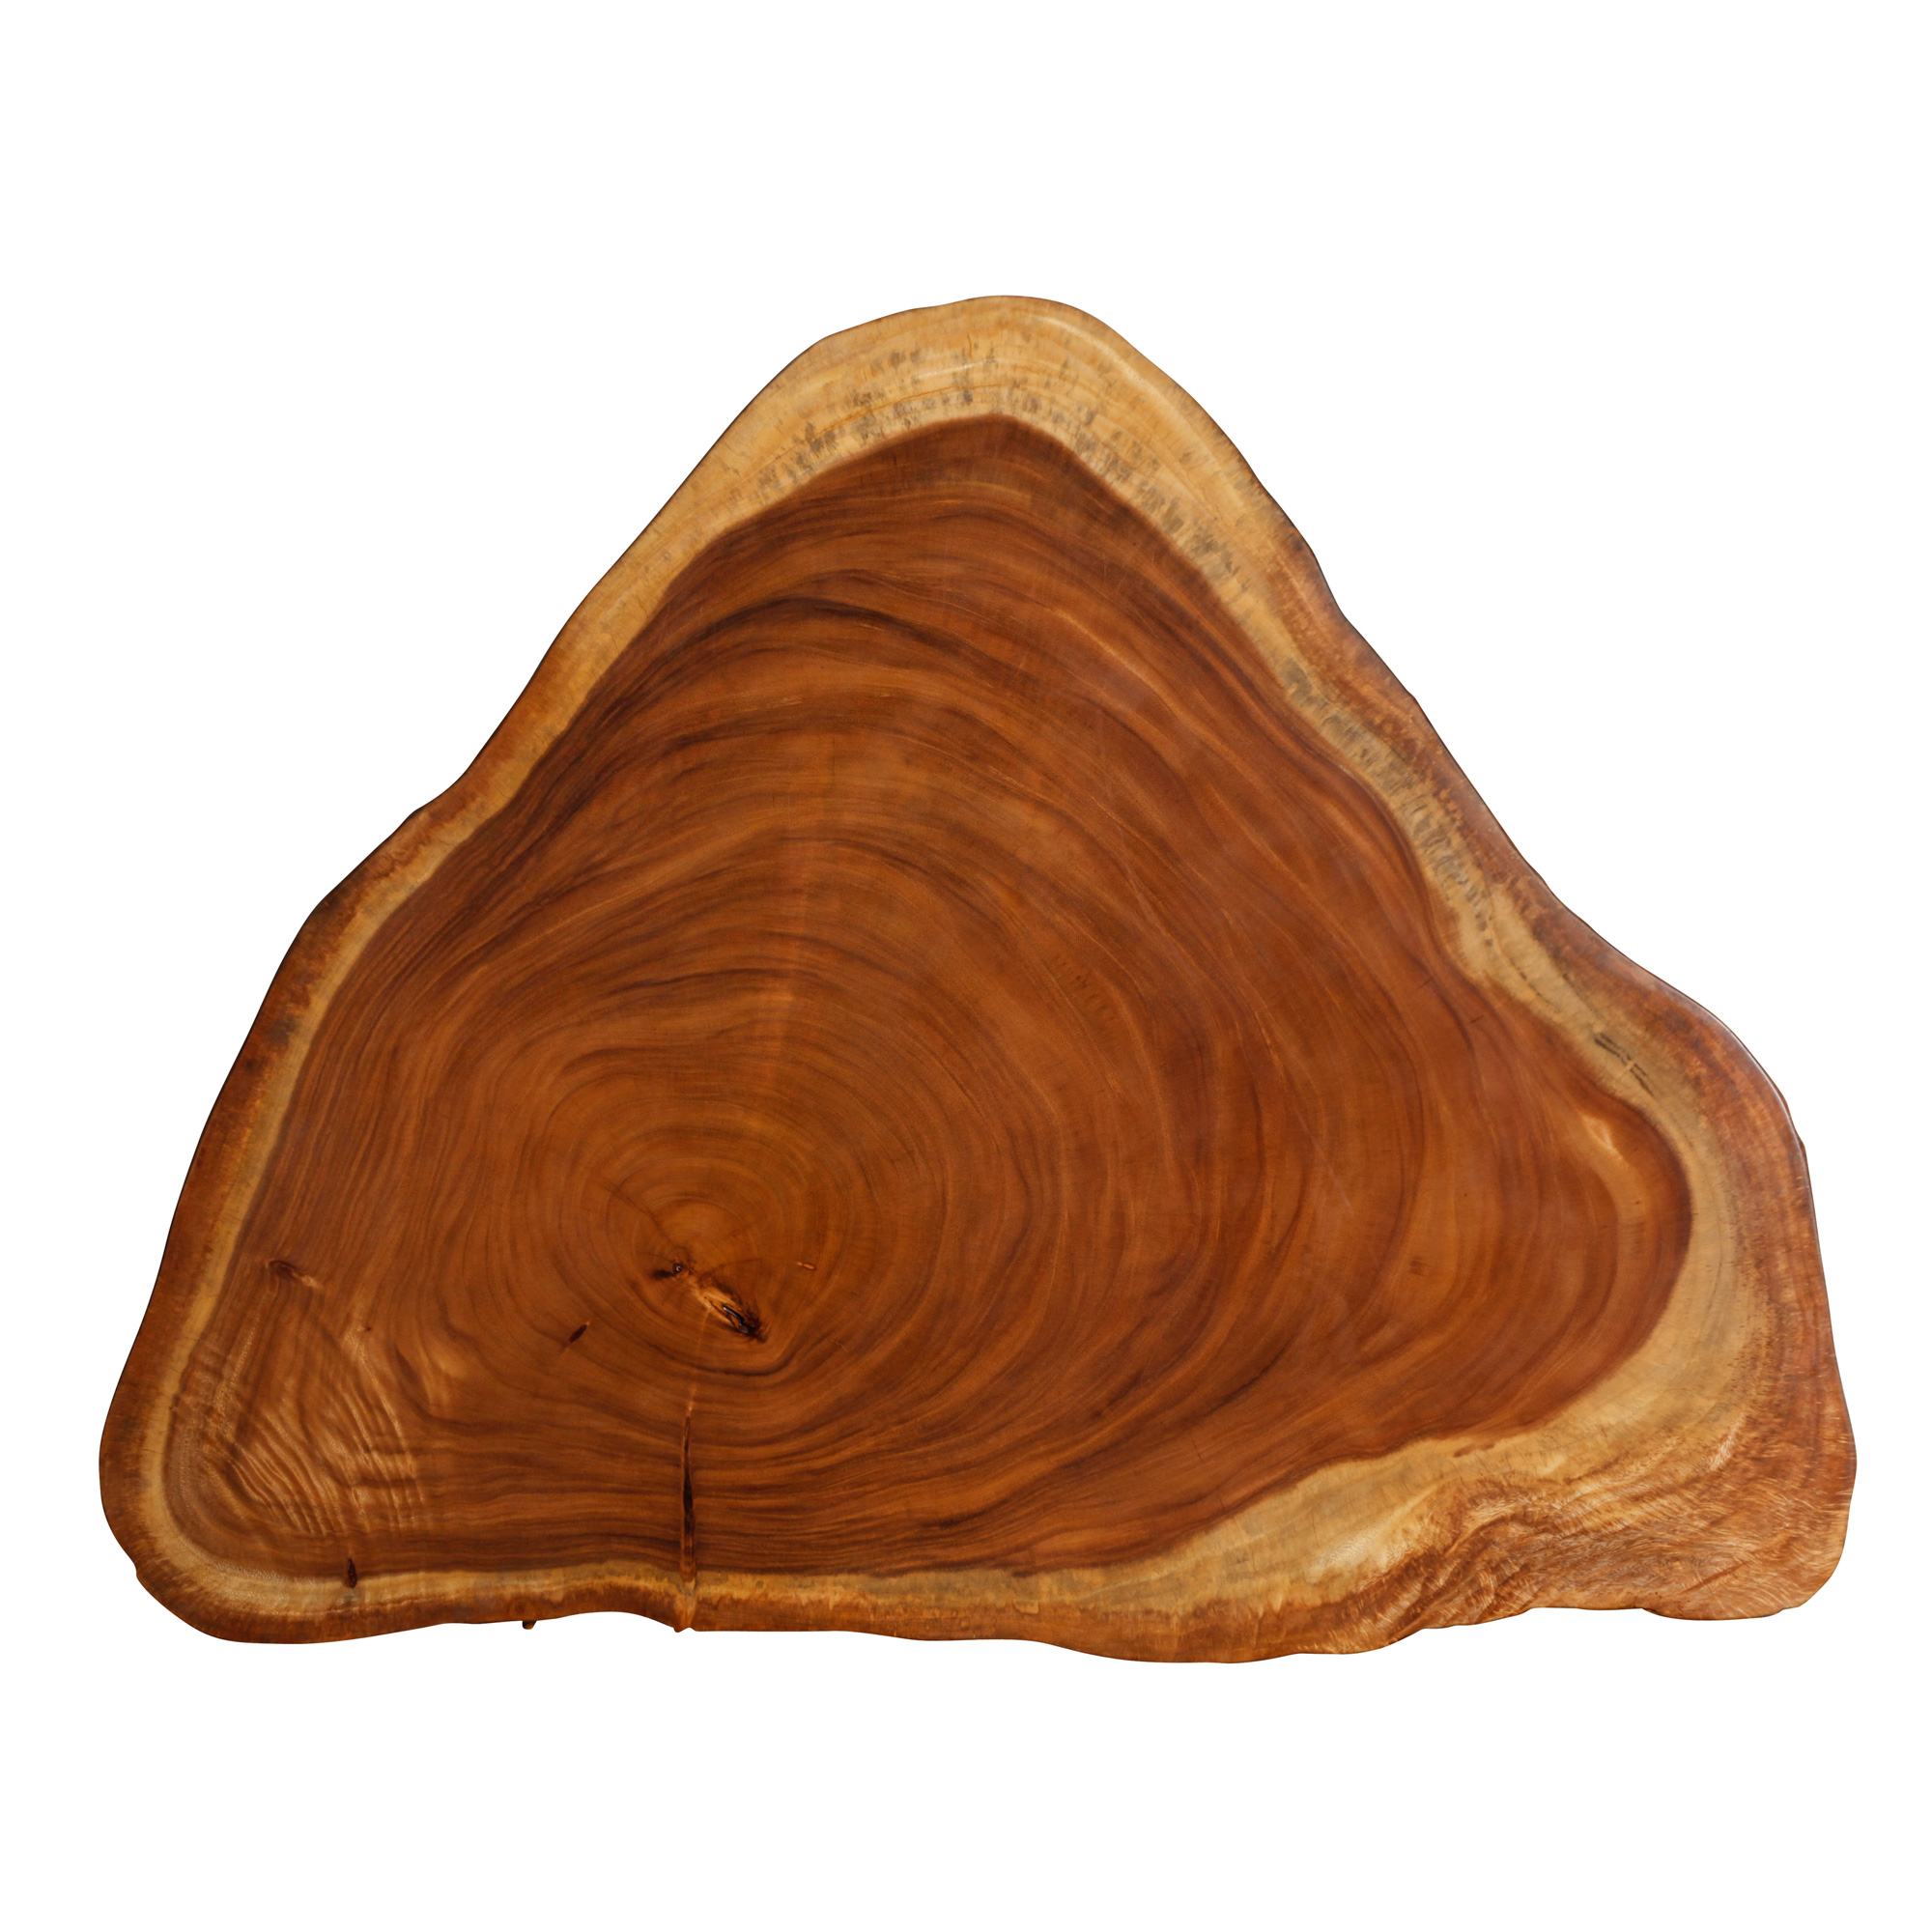 Saman Natural Wood Art - R10